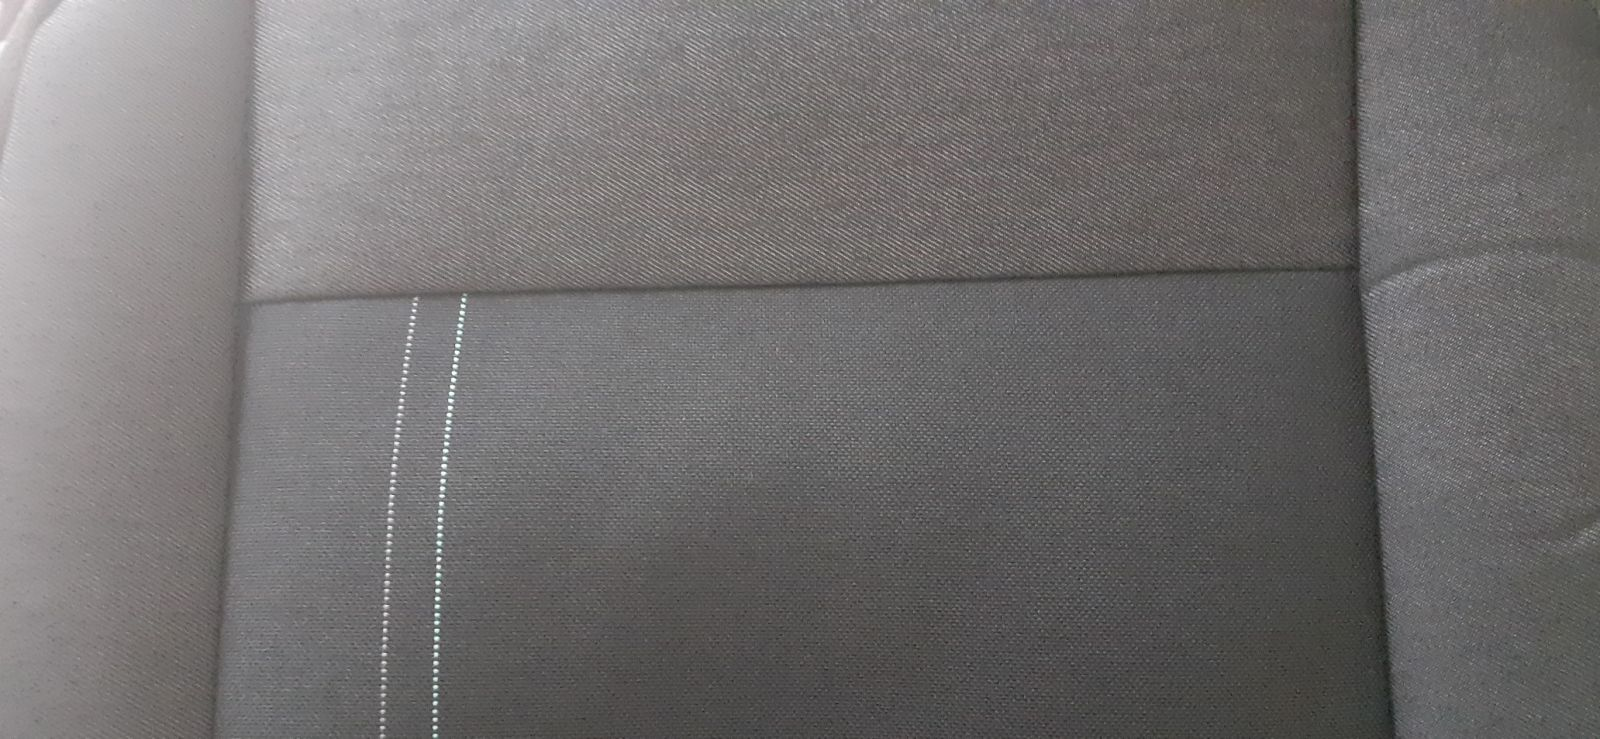 Autopotahy LUXUS FORD TRANSIT (3.místa,1+2) šité na míru,OR 127 černý střed s linkou,černé boky Vyrobeno v České Republice